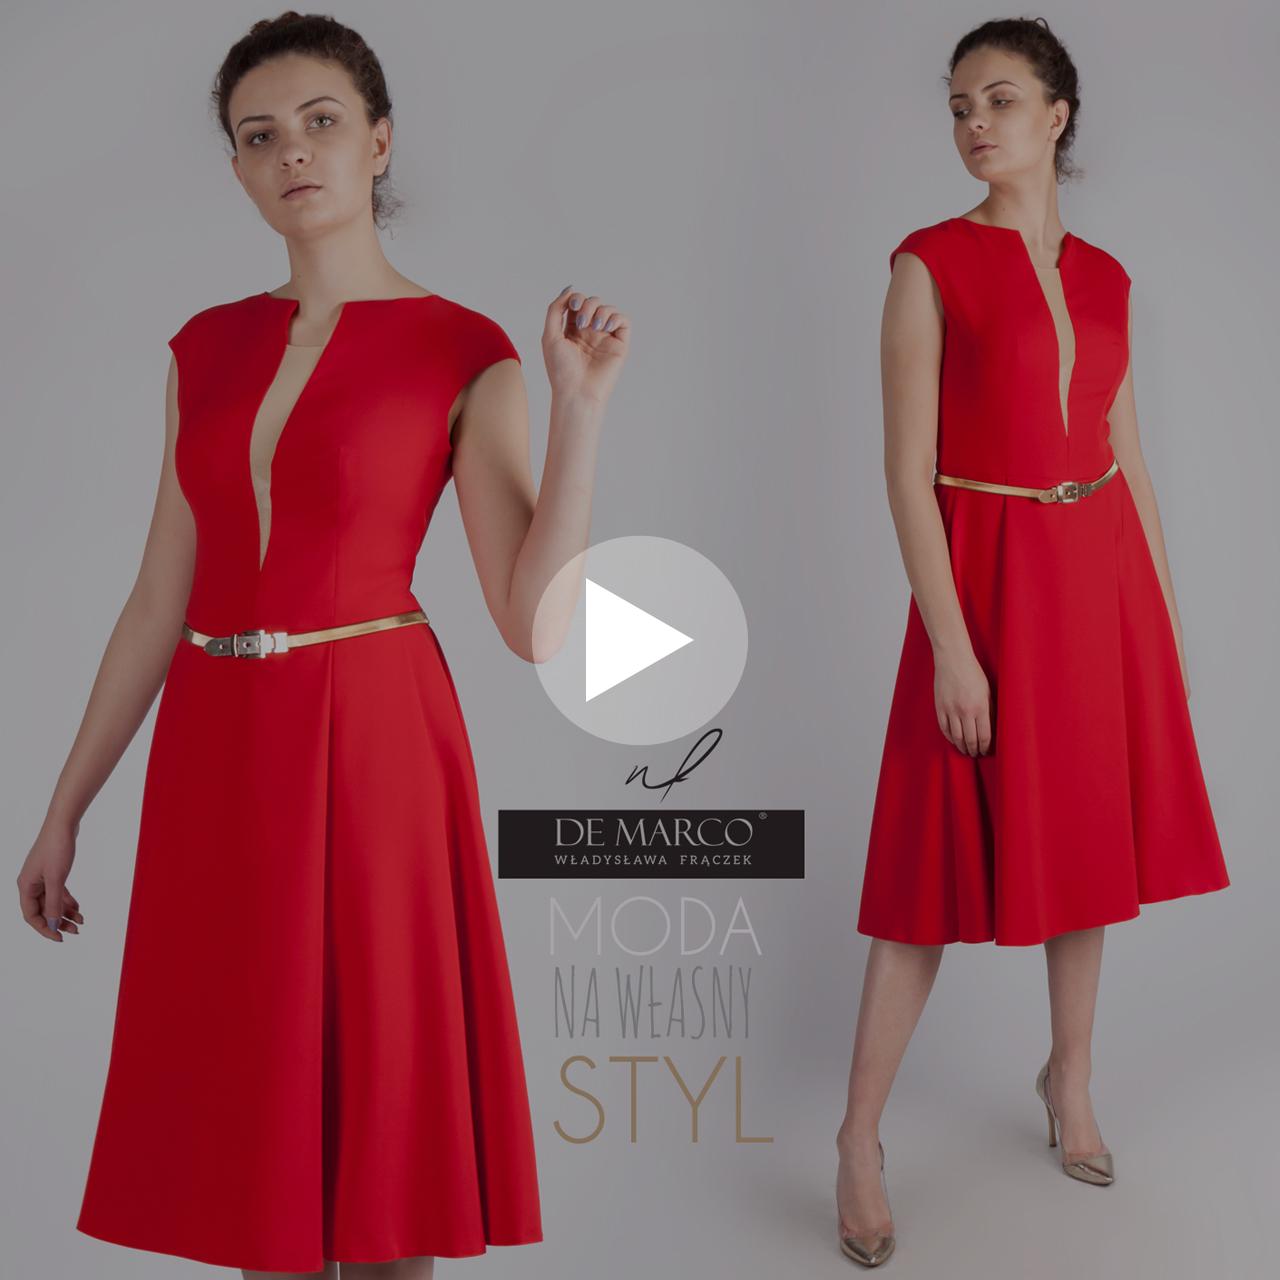 Elegancka czerwona sukienka na wesele w stylu retro dla mamy pana młodego lub pani młodej.